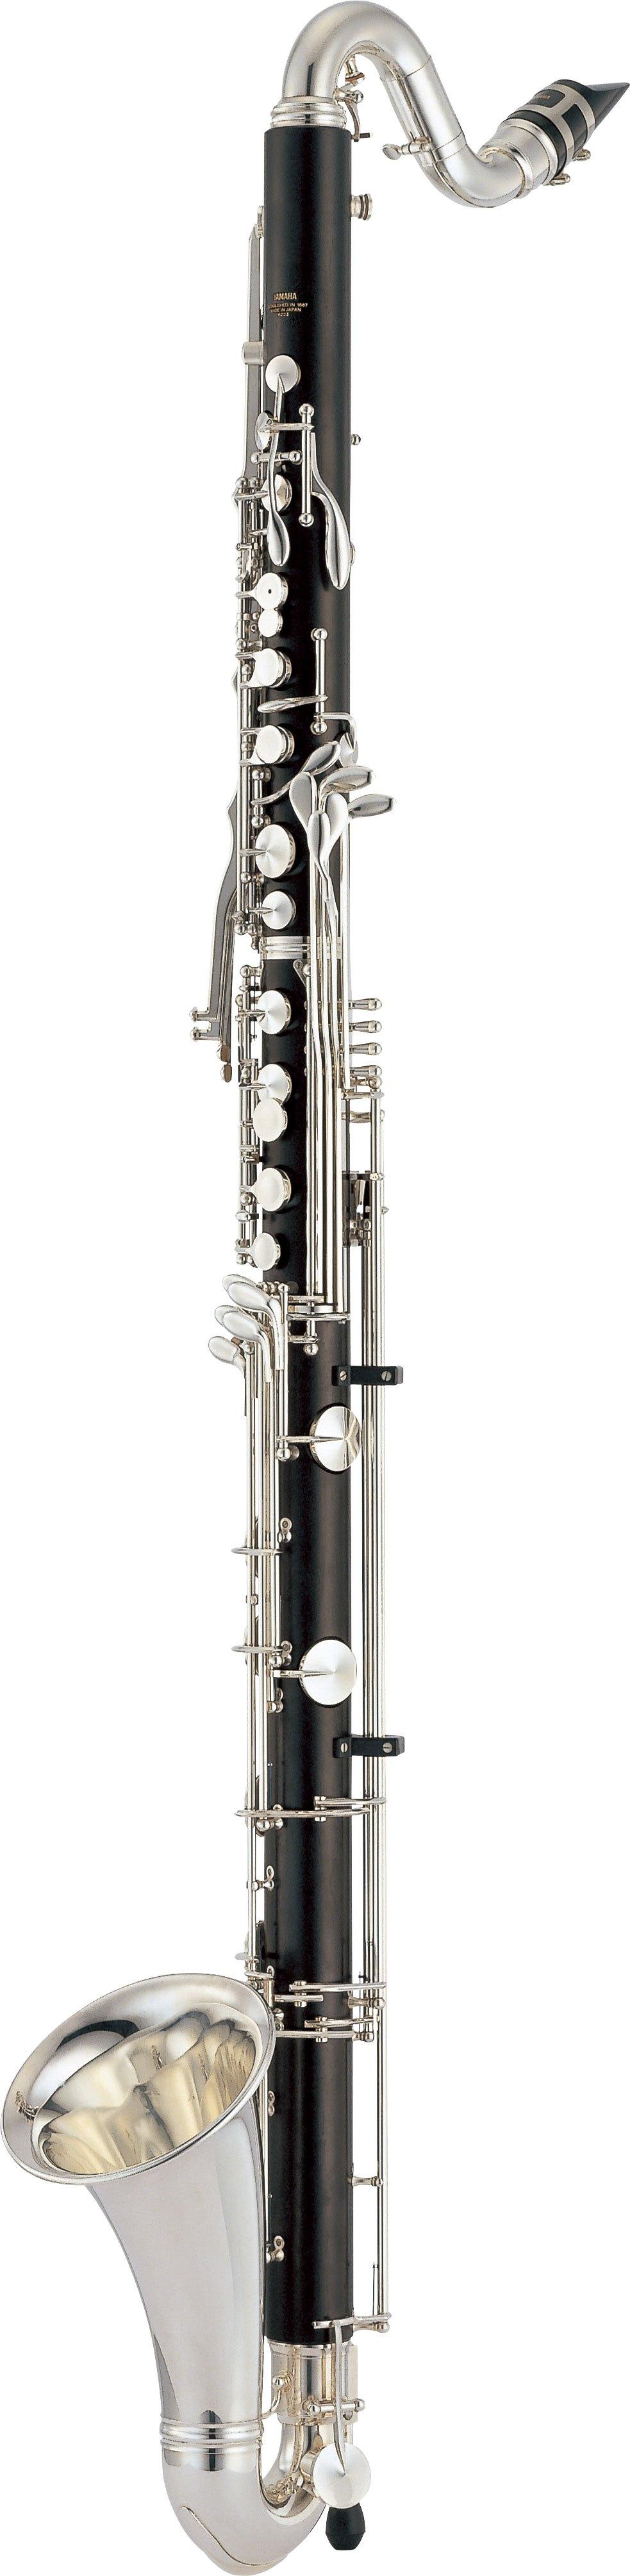 Yamaha - YCL-622-II - Holzblasinstrumente - Klarinetten | MUSIK BERTRAM Deutschland Freiburg